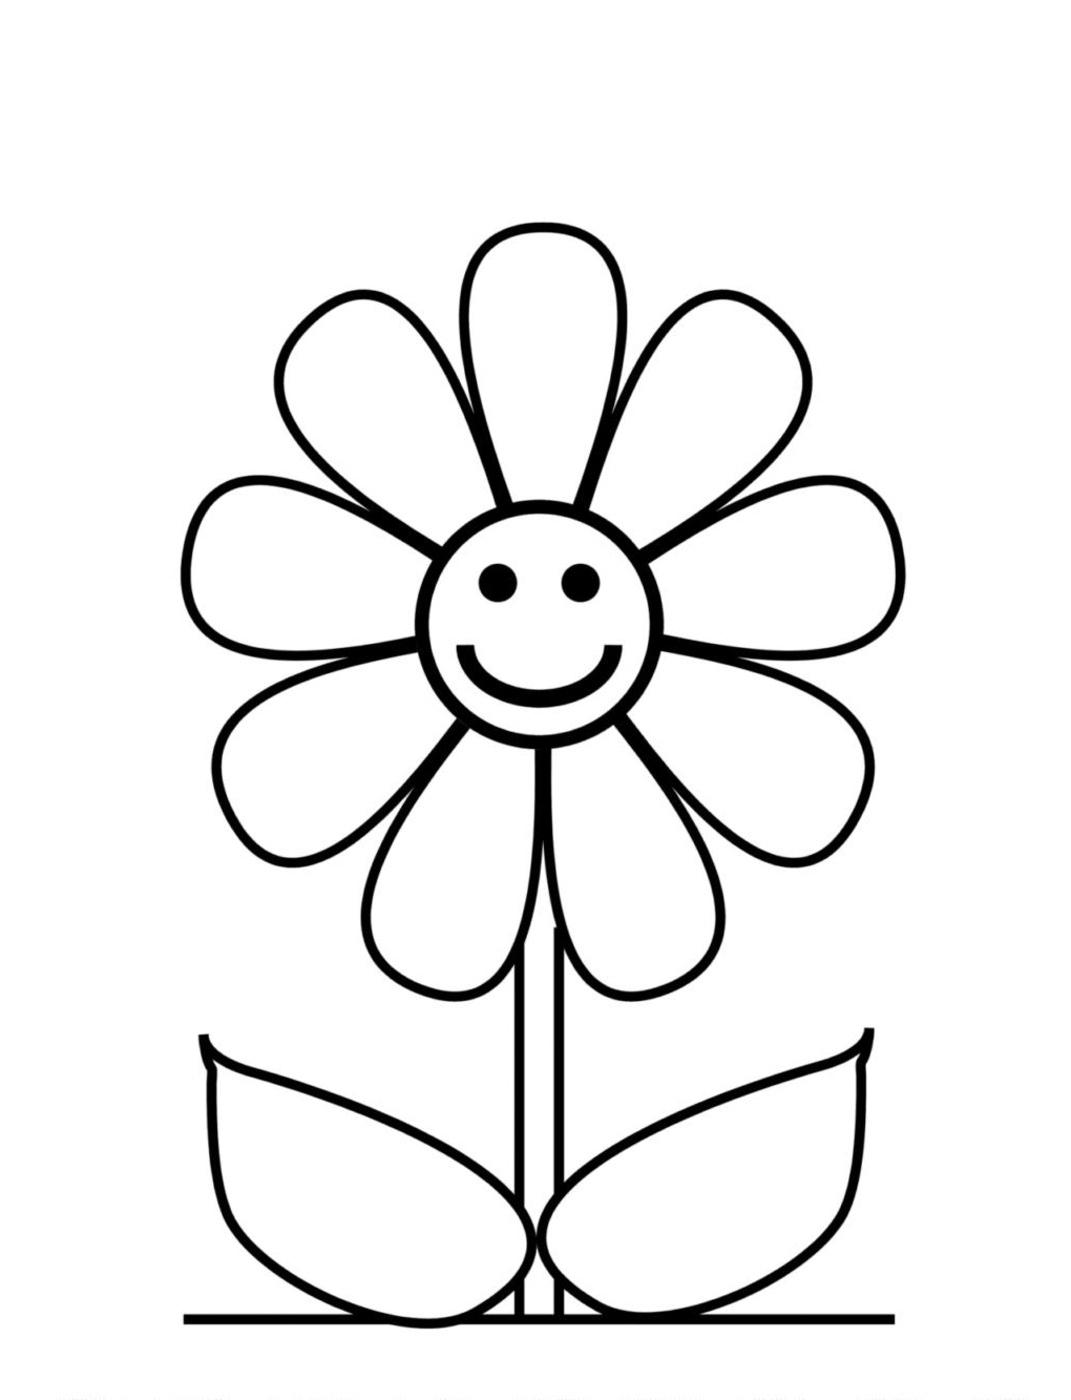 easy cute drawings of flowers - photo #16